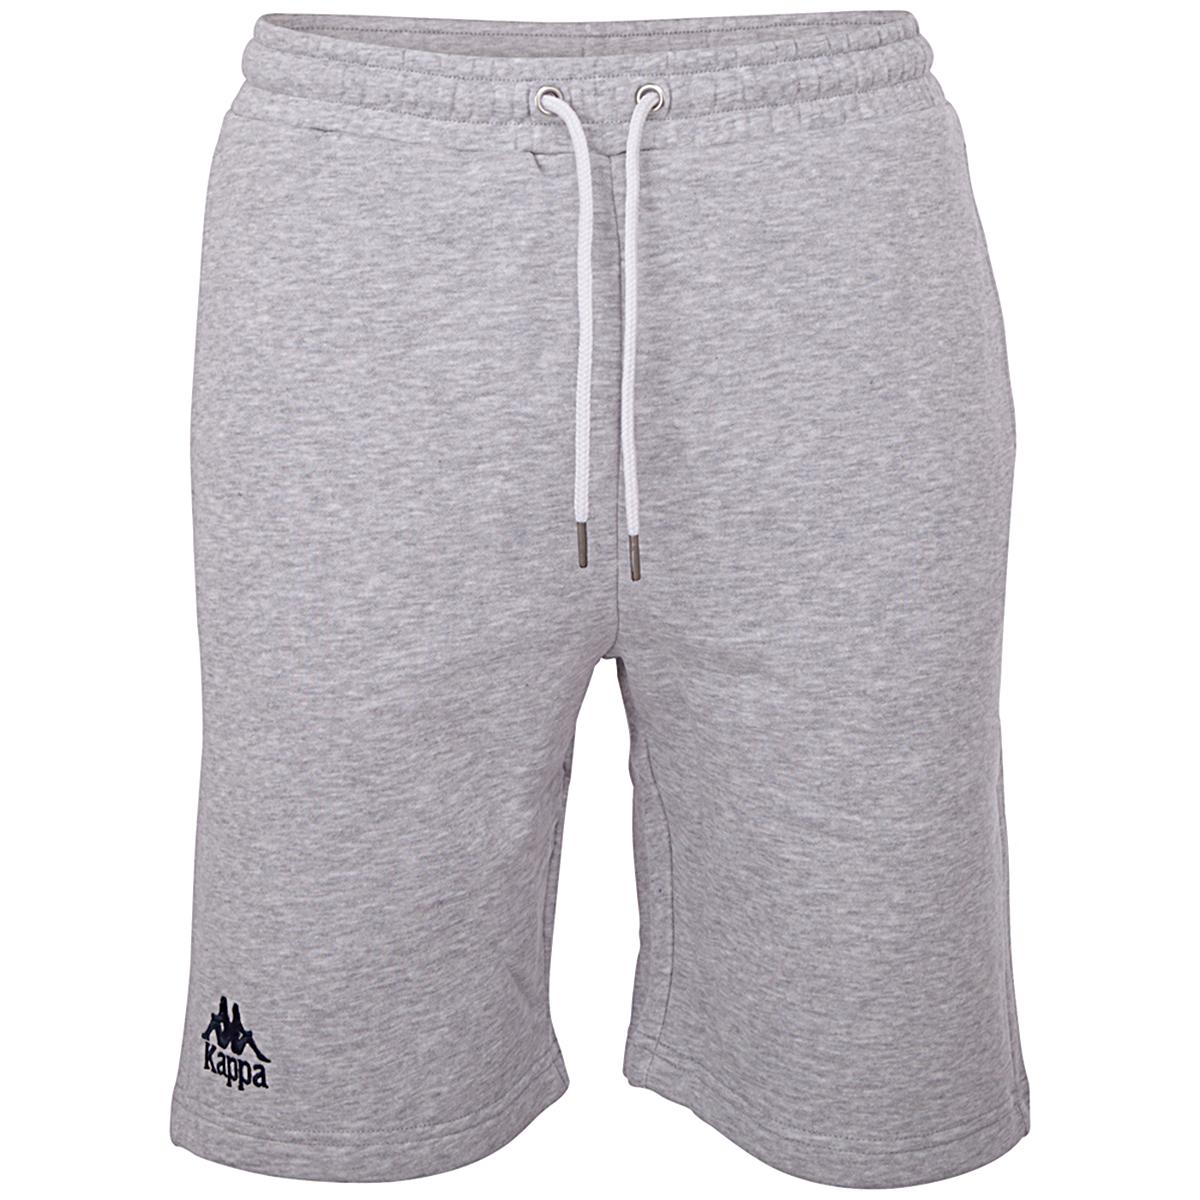 Hosen - Kappa Herren TOPEN Shorts Jogginghose Sweathose grau 705423 M  - Onlineshop Sneakerprofi